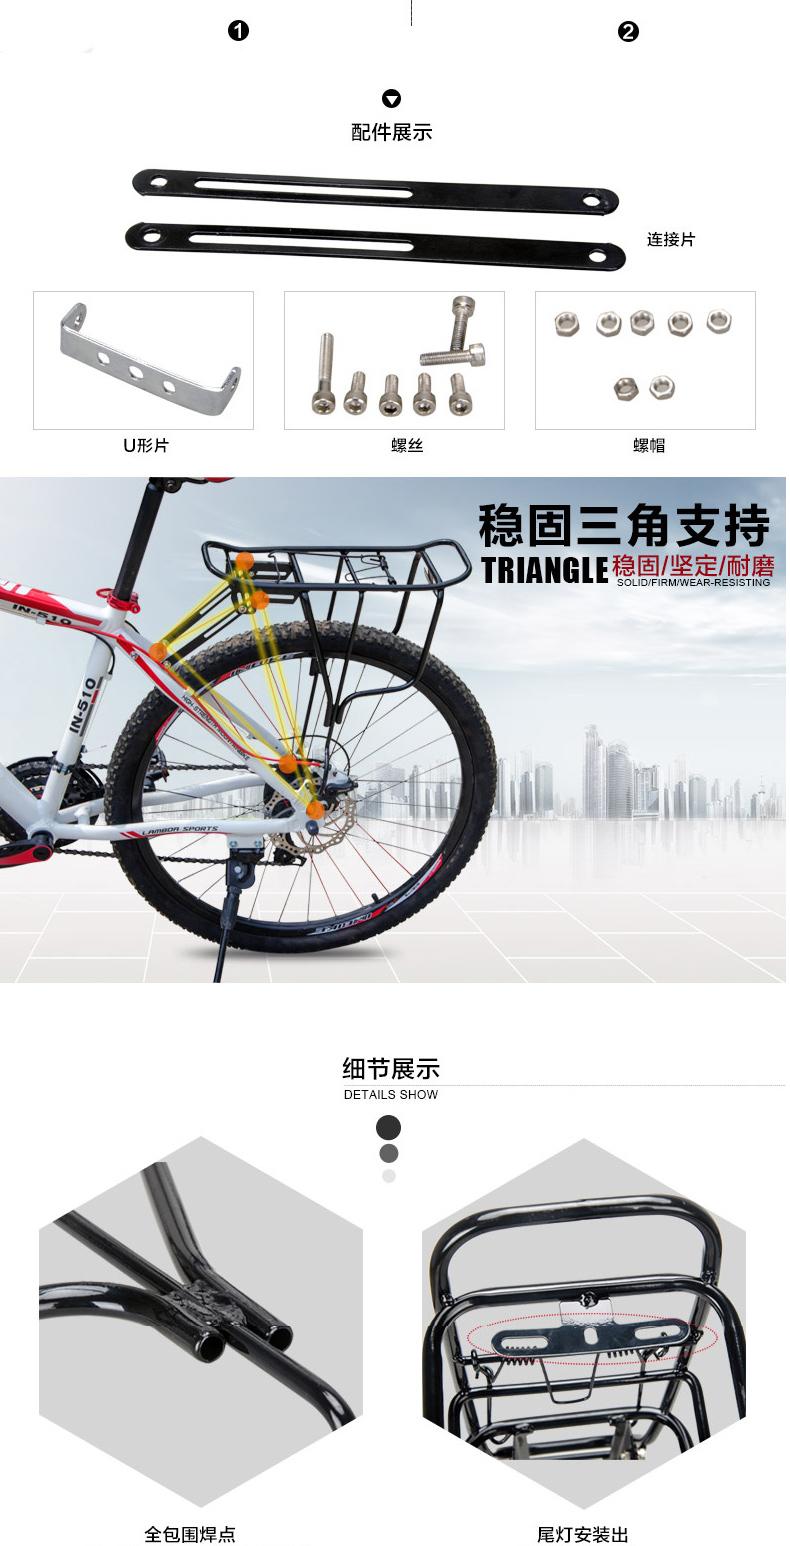 Porte-bagages pour vélo ONLINELOVE - Ref 2409100 Image 8